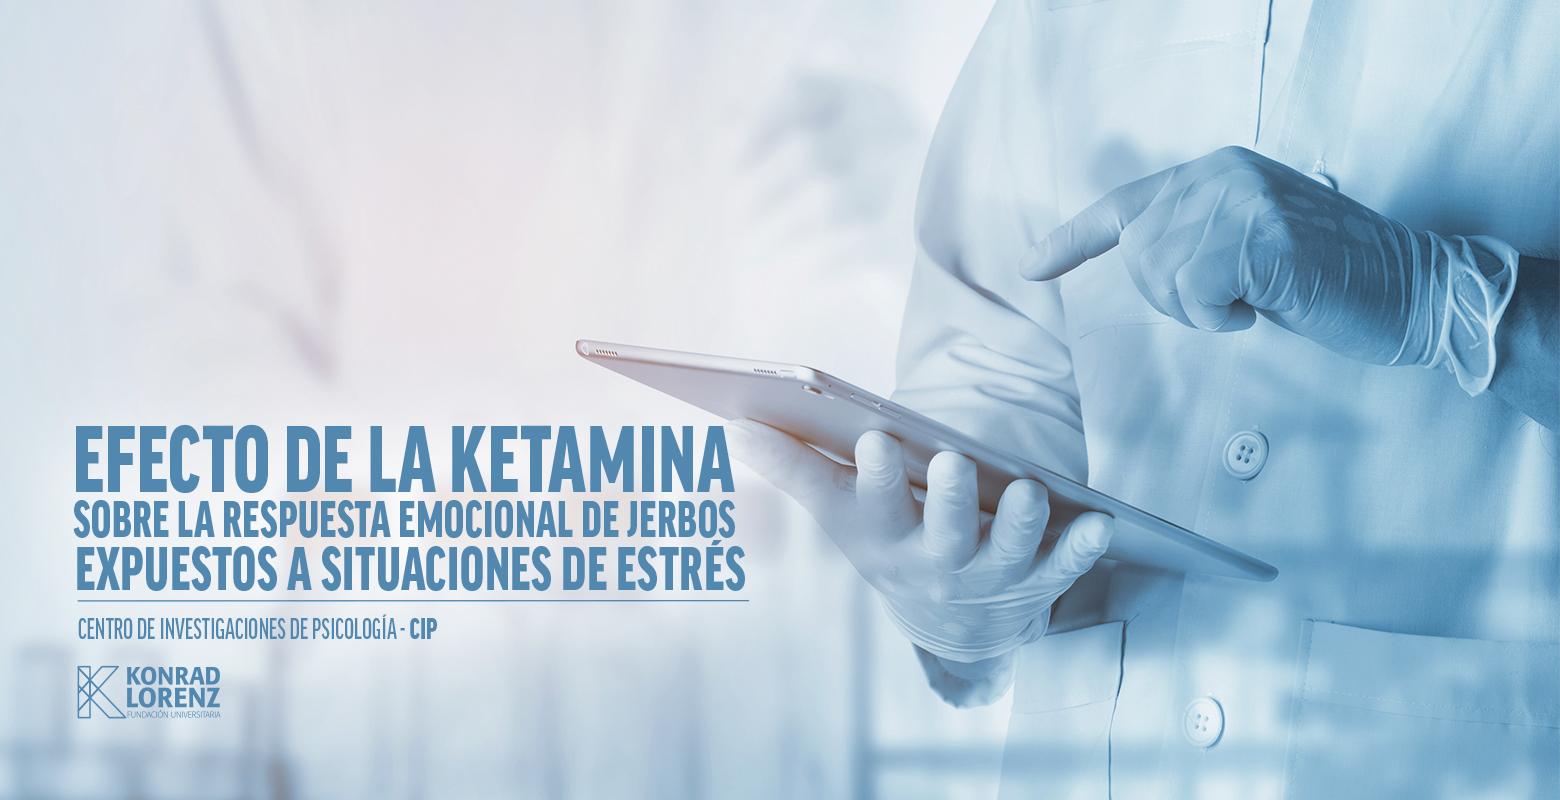 Efecto de la Ketamina sobre la respuesta emocional de jerbos expuestos a situaciones de estrés